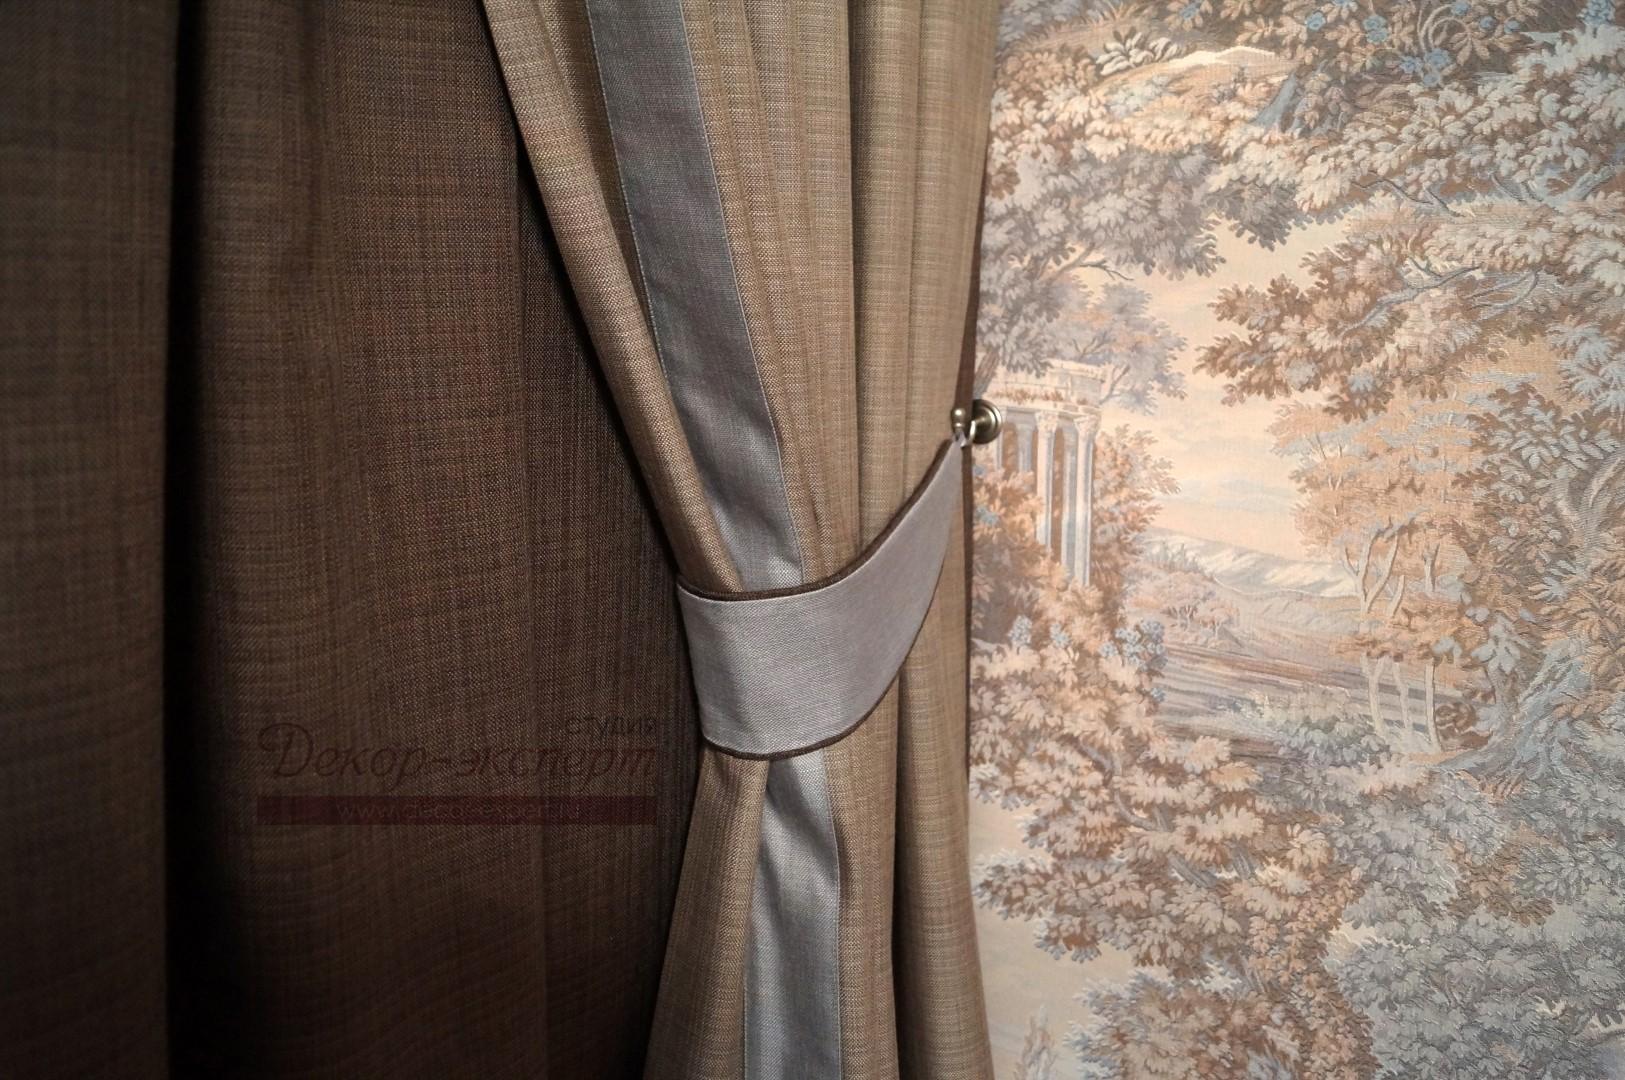 Подхват с отделкой шнуром под обтяжку темно-коричневой тканью на декоративном крючке.